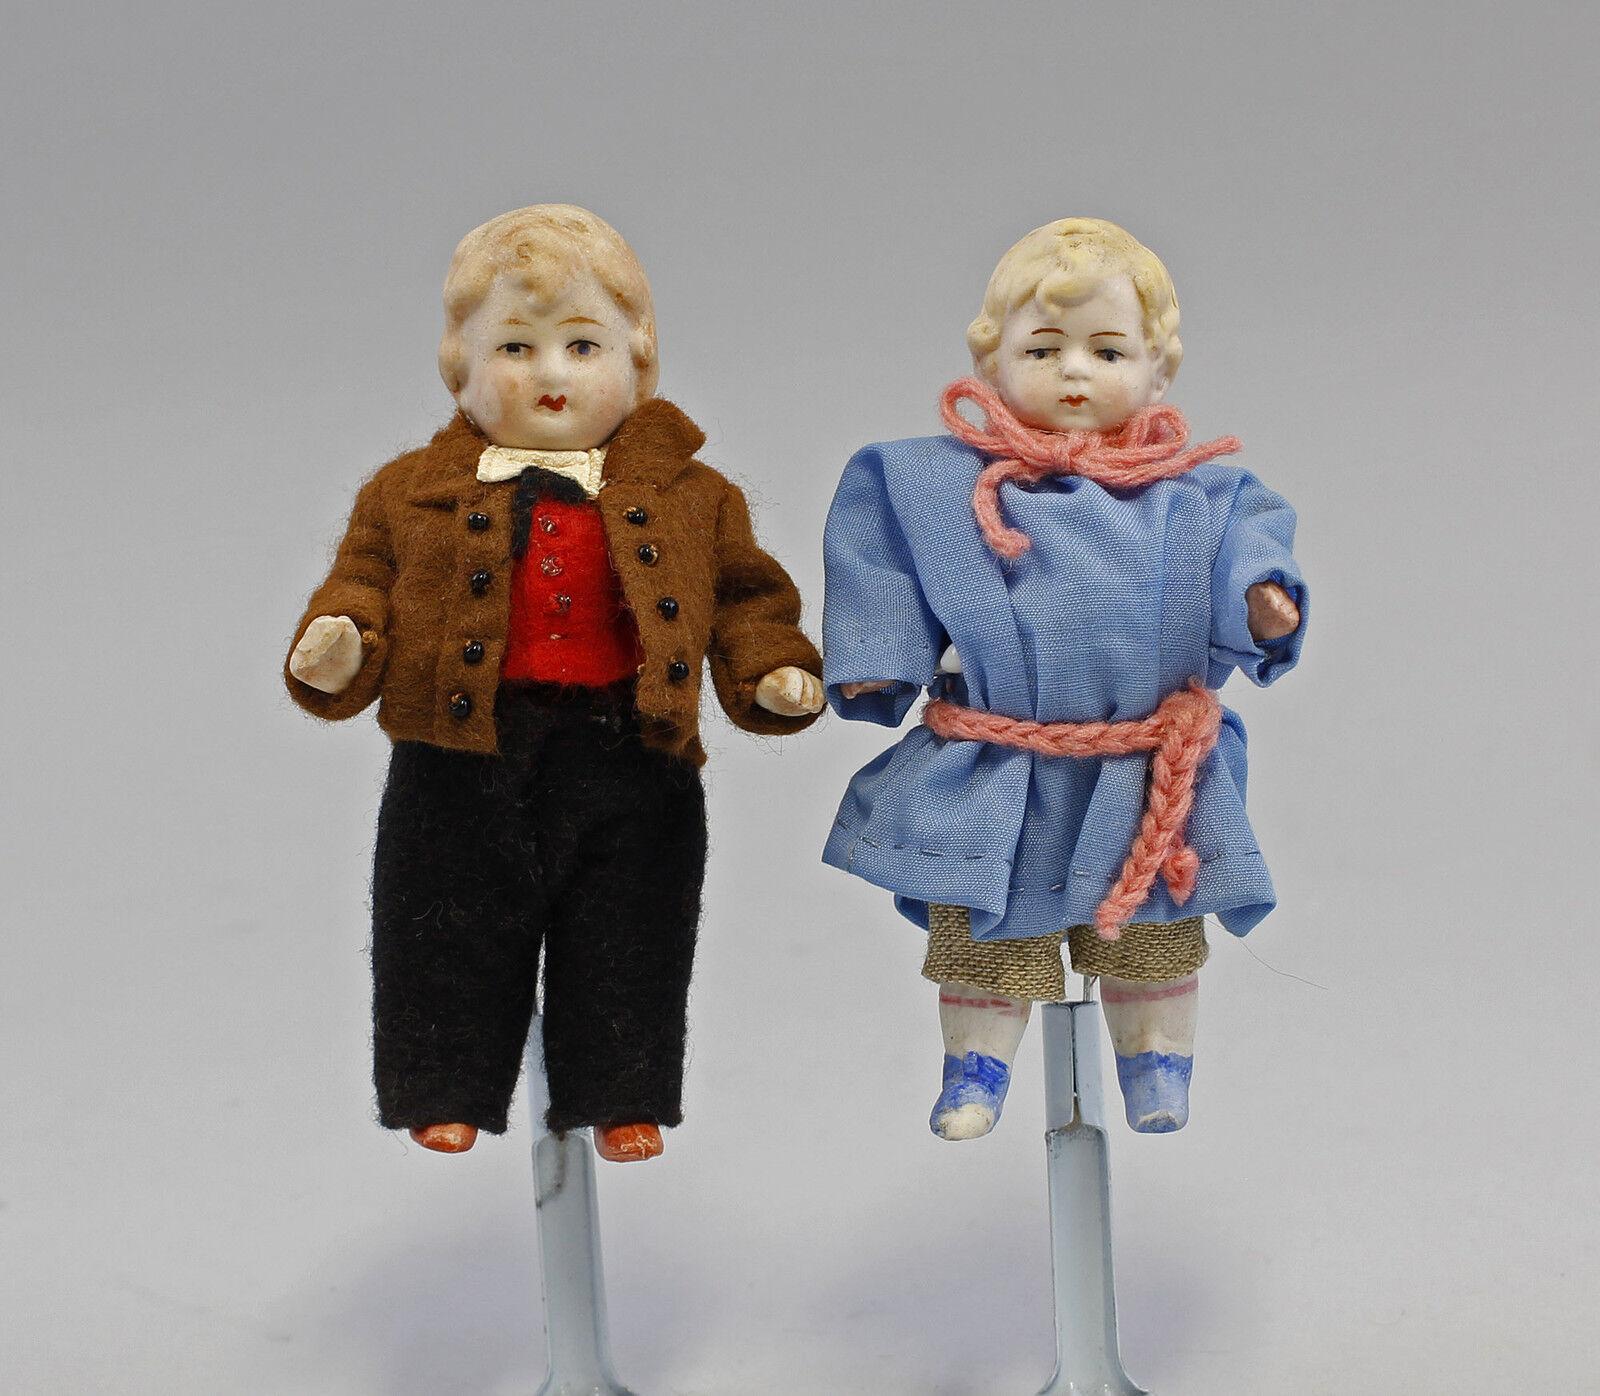 2 antique all Bisquit porcelain doll-dolls um 1900 dressed 99810002